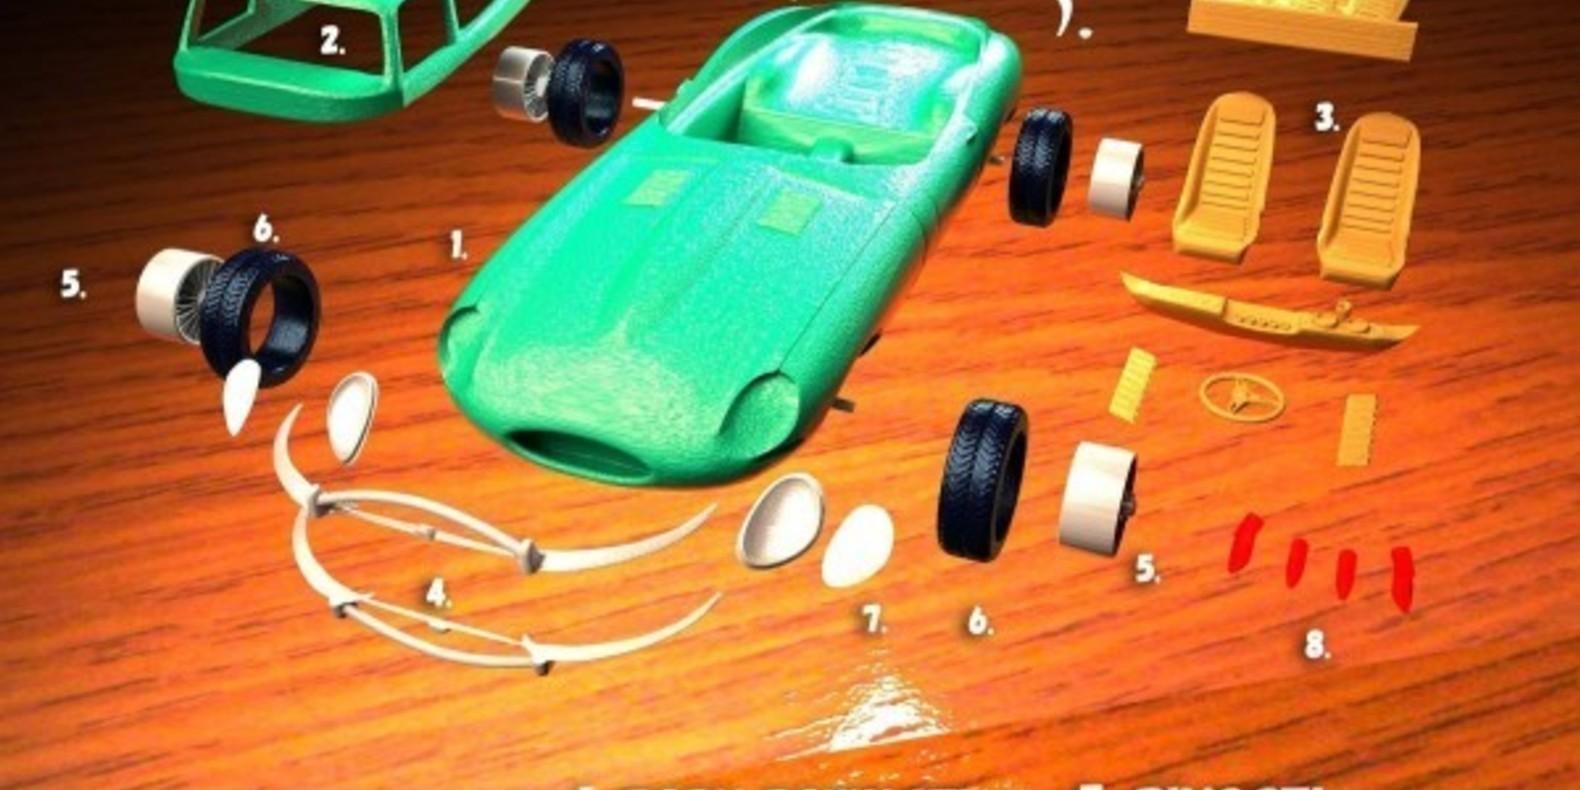 Mao casella jaguar type E maquette model 3D printed imprimé en 3D voiture car fichier STL Cults 5